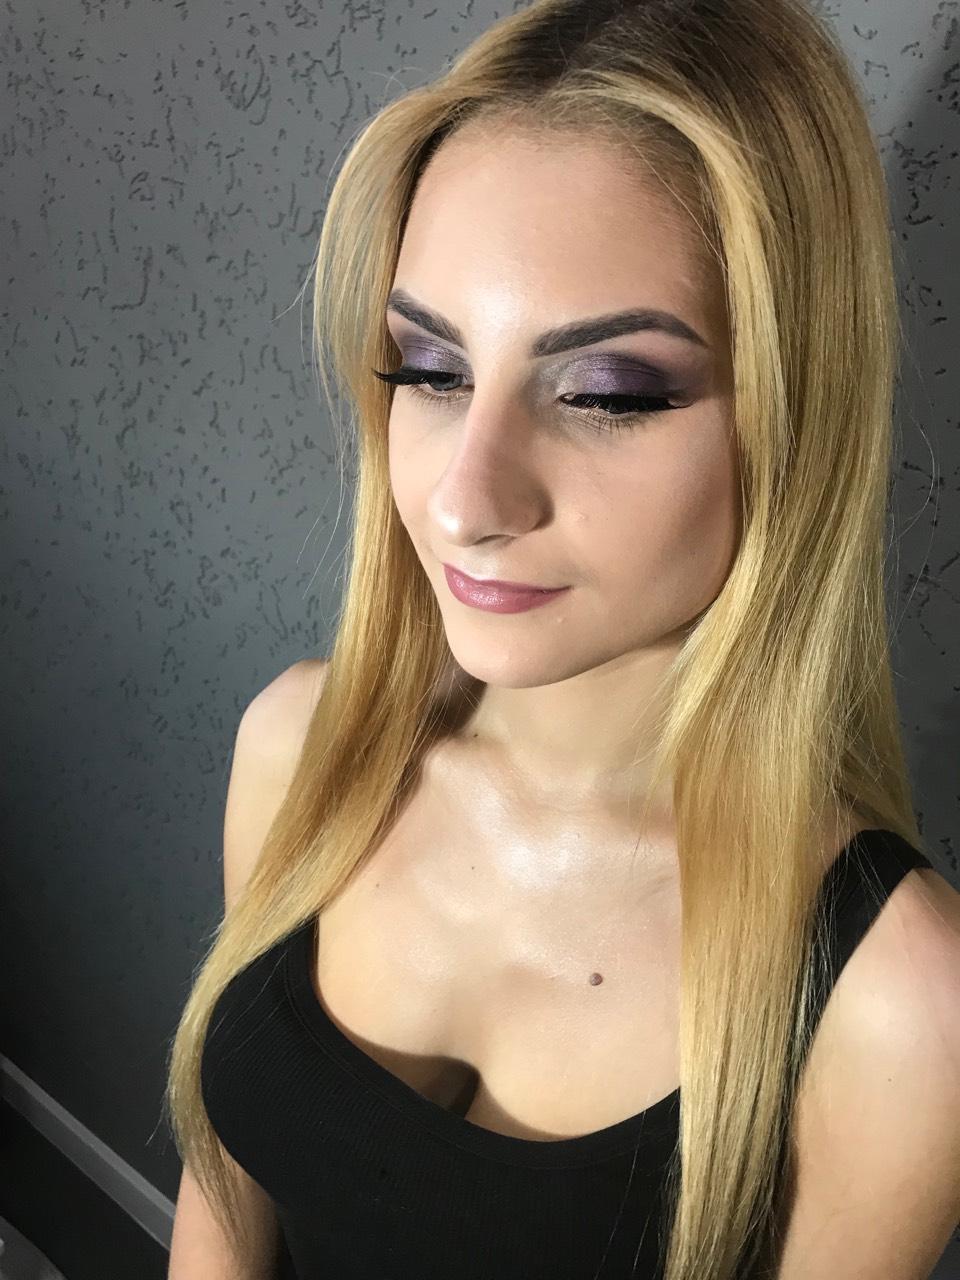 """Дневной/вечерний макияж, локоны от 20 руб, практический мастер-класс """"Макияж для себя"""" за 60 руб."""